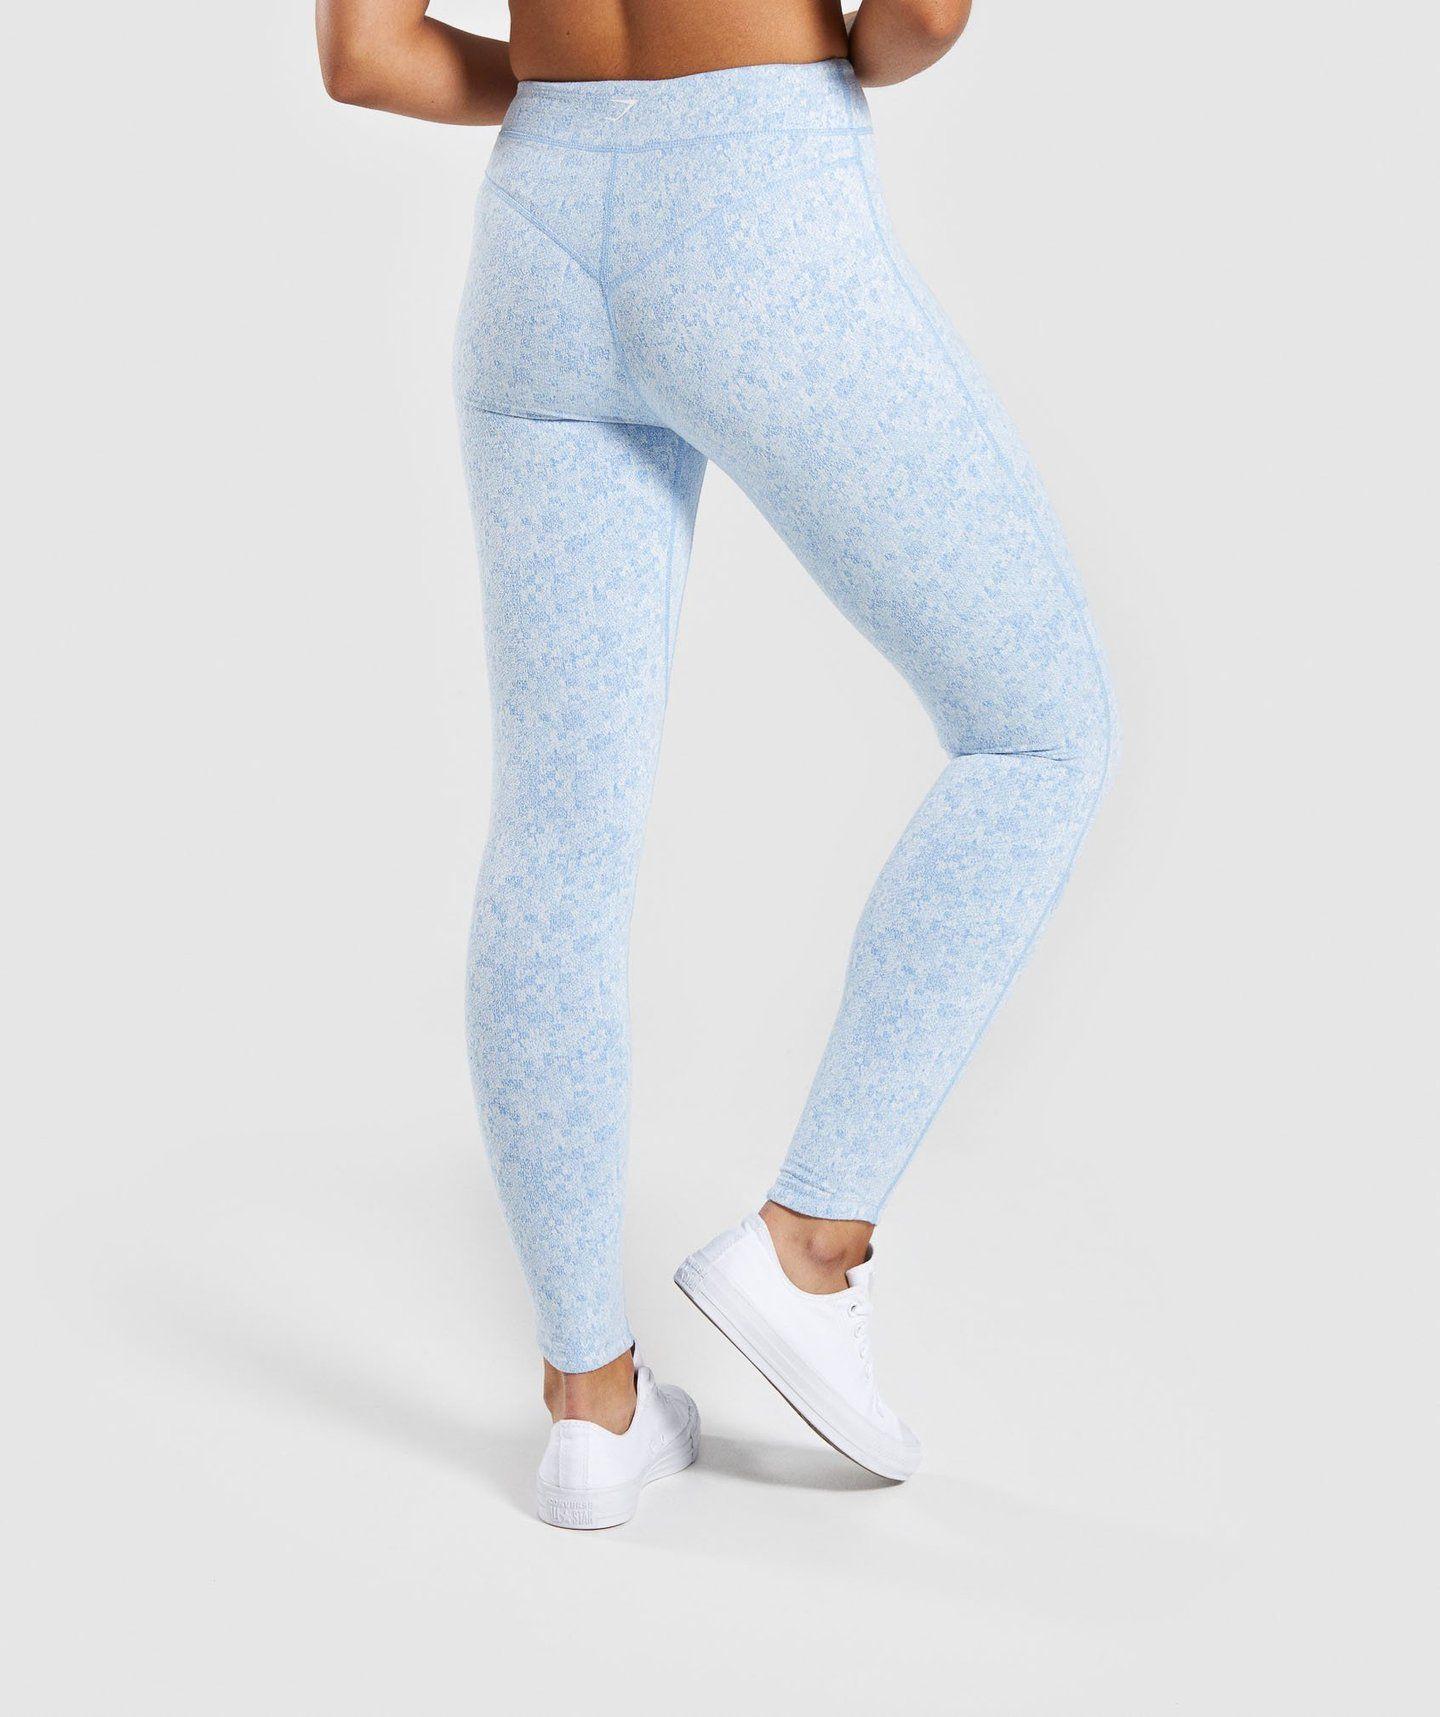 2a22efd416649 Gymshark Fleur Texture Leggings - Blue | Bottoms & Leggings | Gymshark